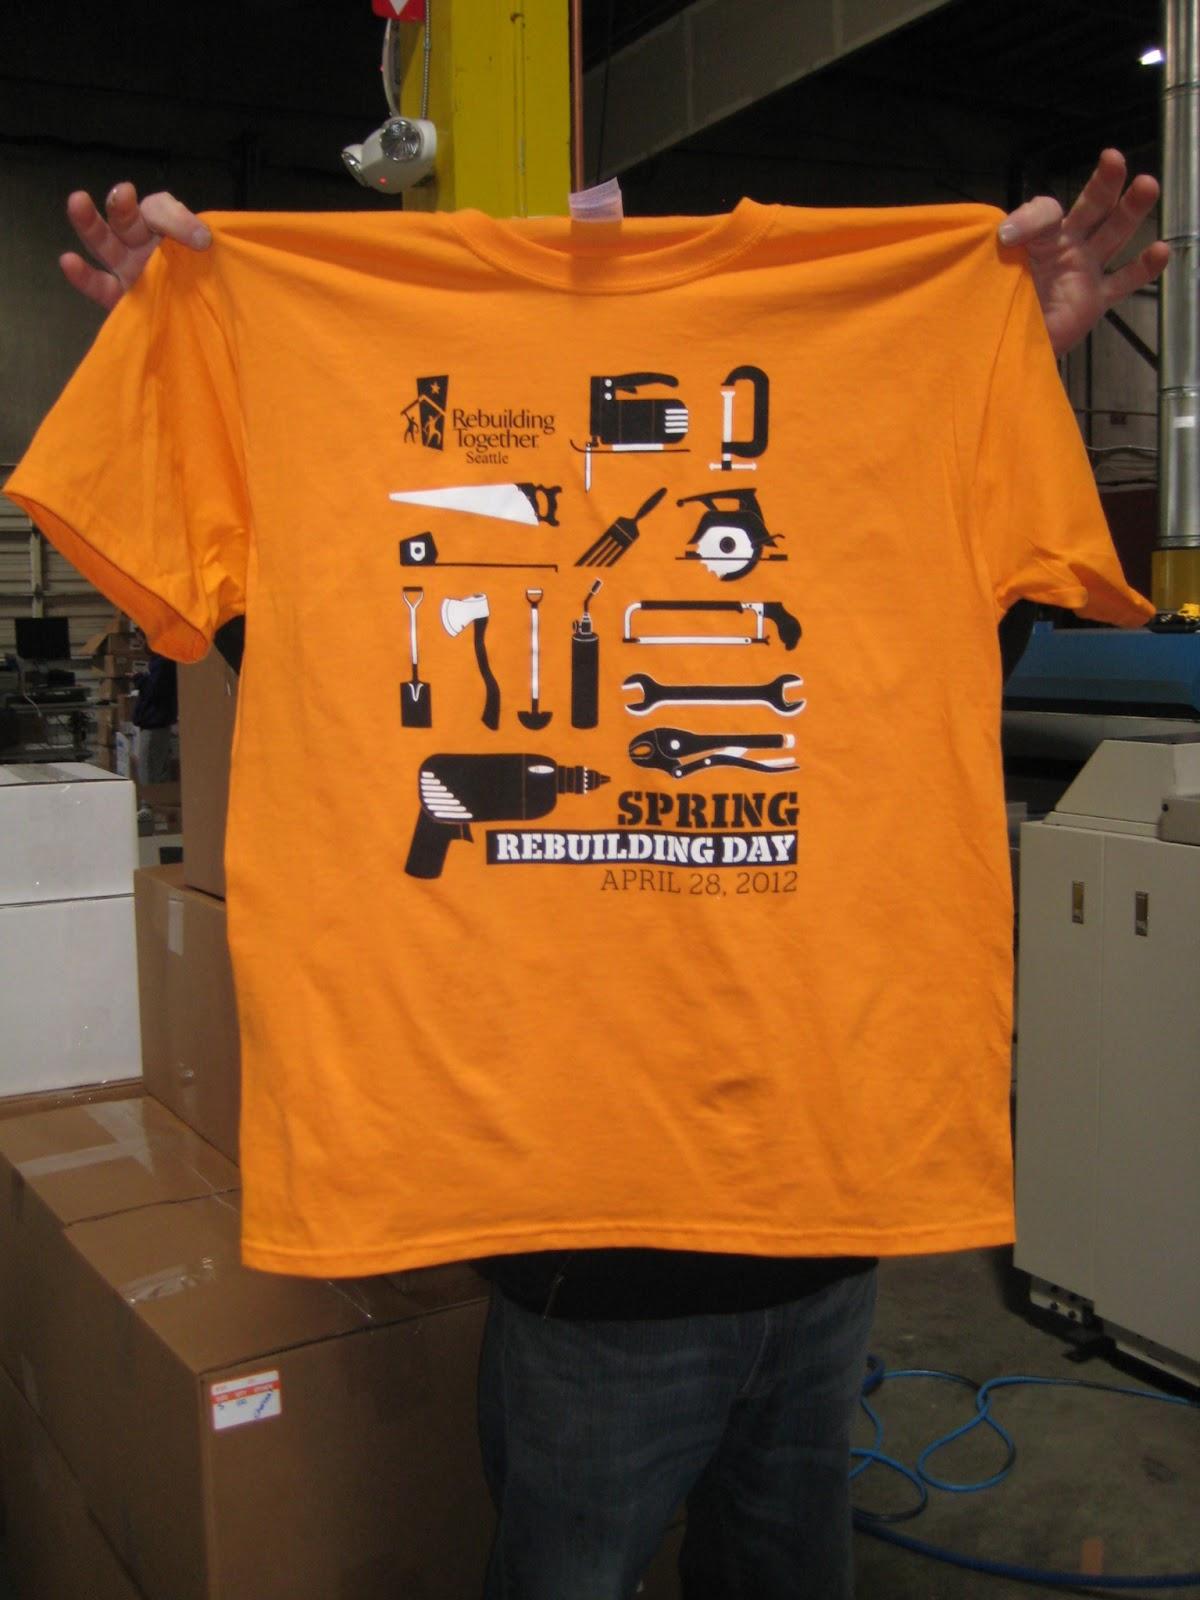 Rebuilding Together Seattle Spring Rebuilding Day 2013 T Shirt